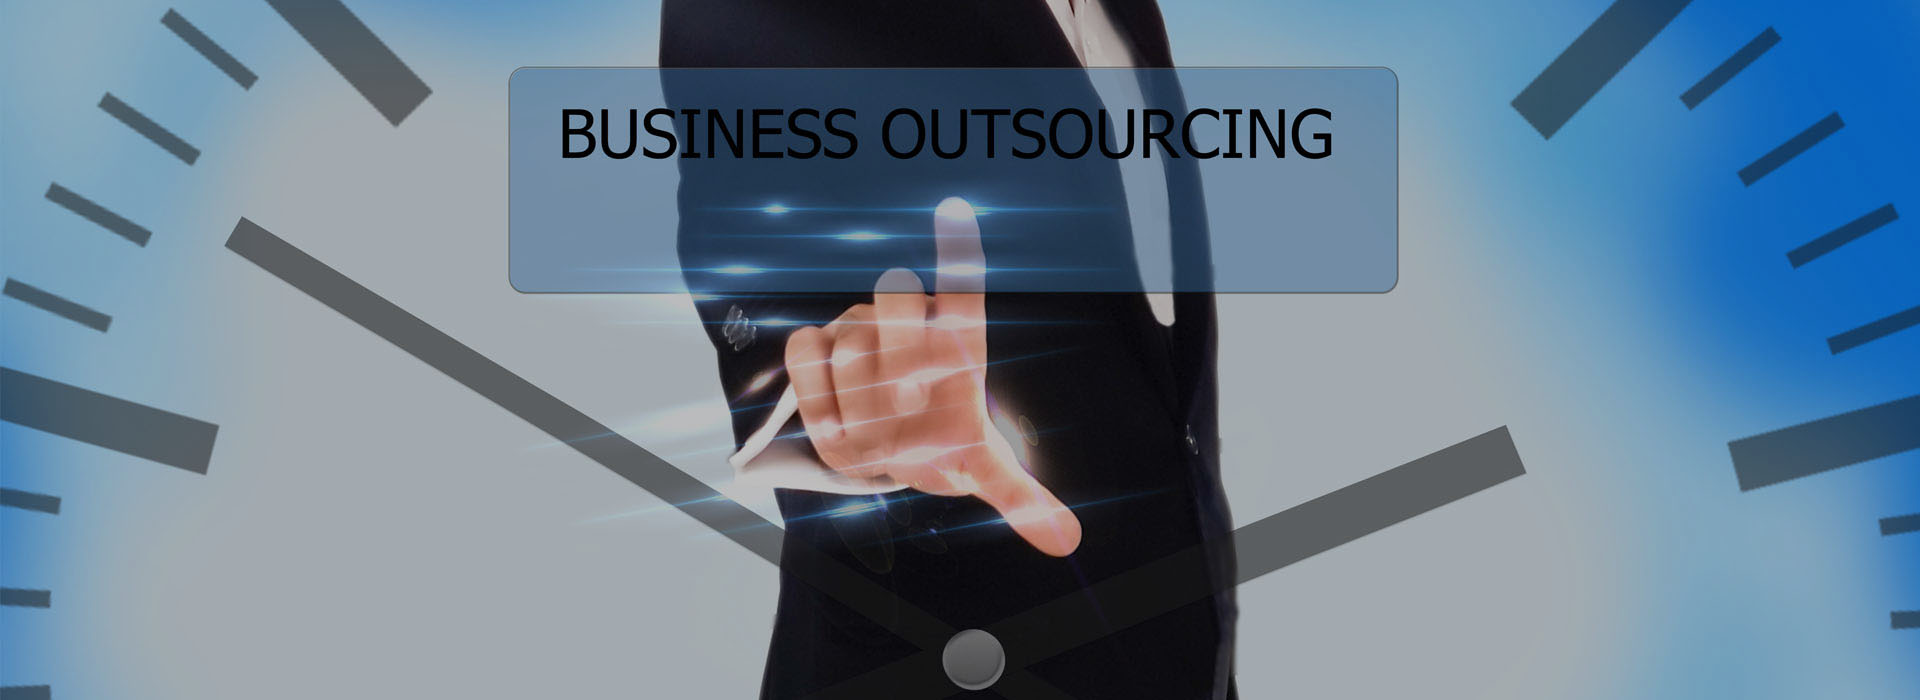 Nous sommes spécialisés dans les logiciels intérimaires et les services pour les agences de placement et de location de services